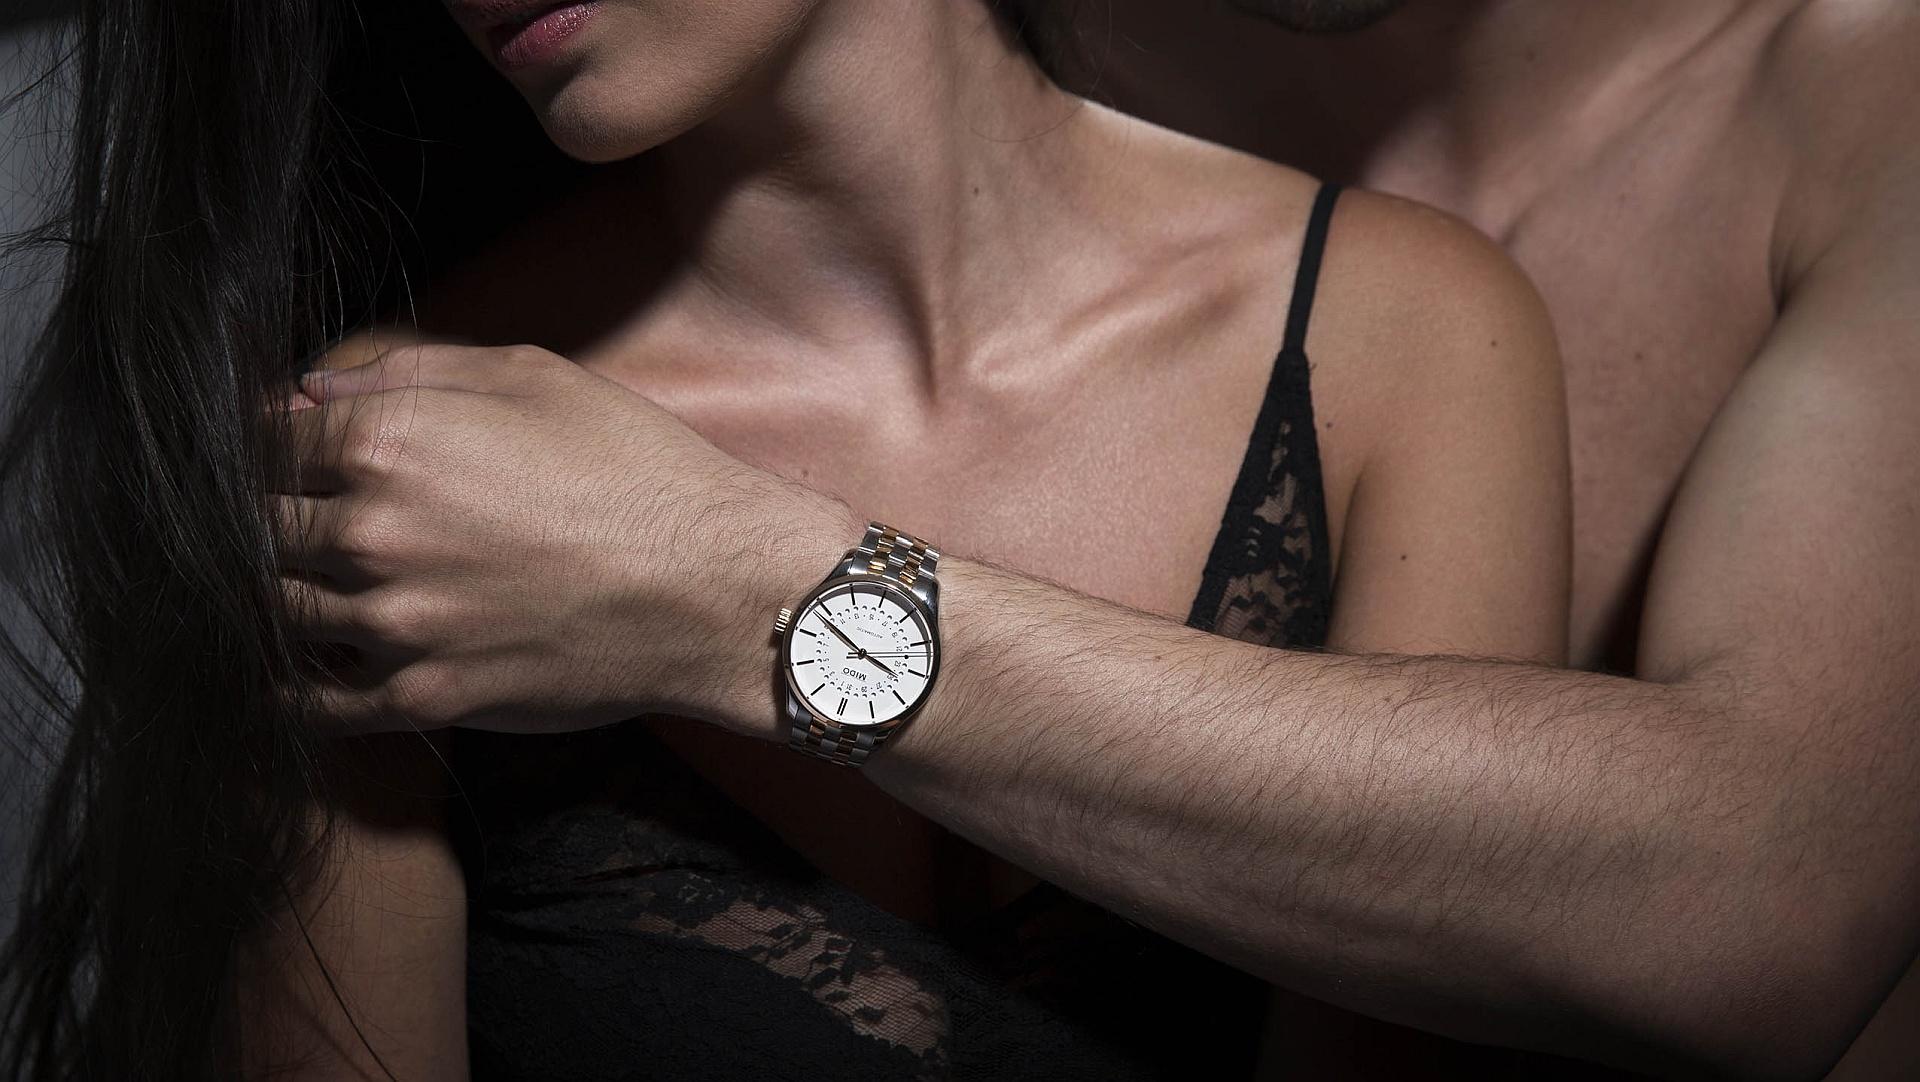 情繫永恆的靈感,定格心動的時計